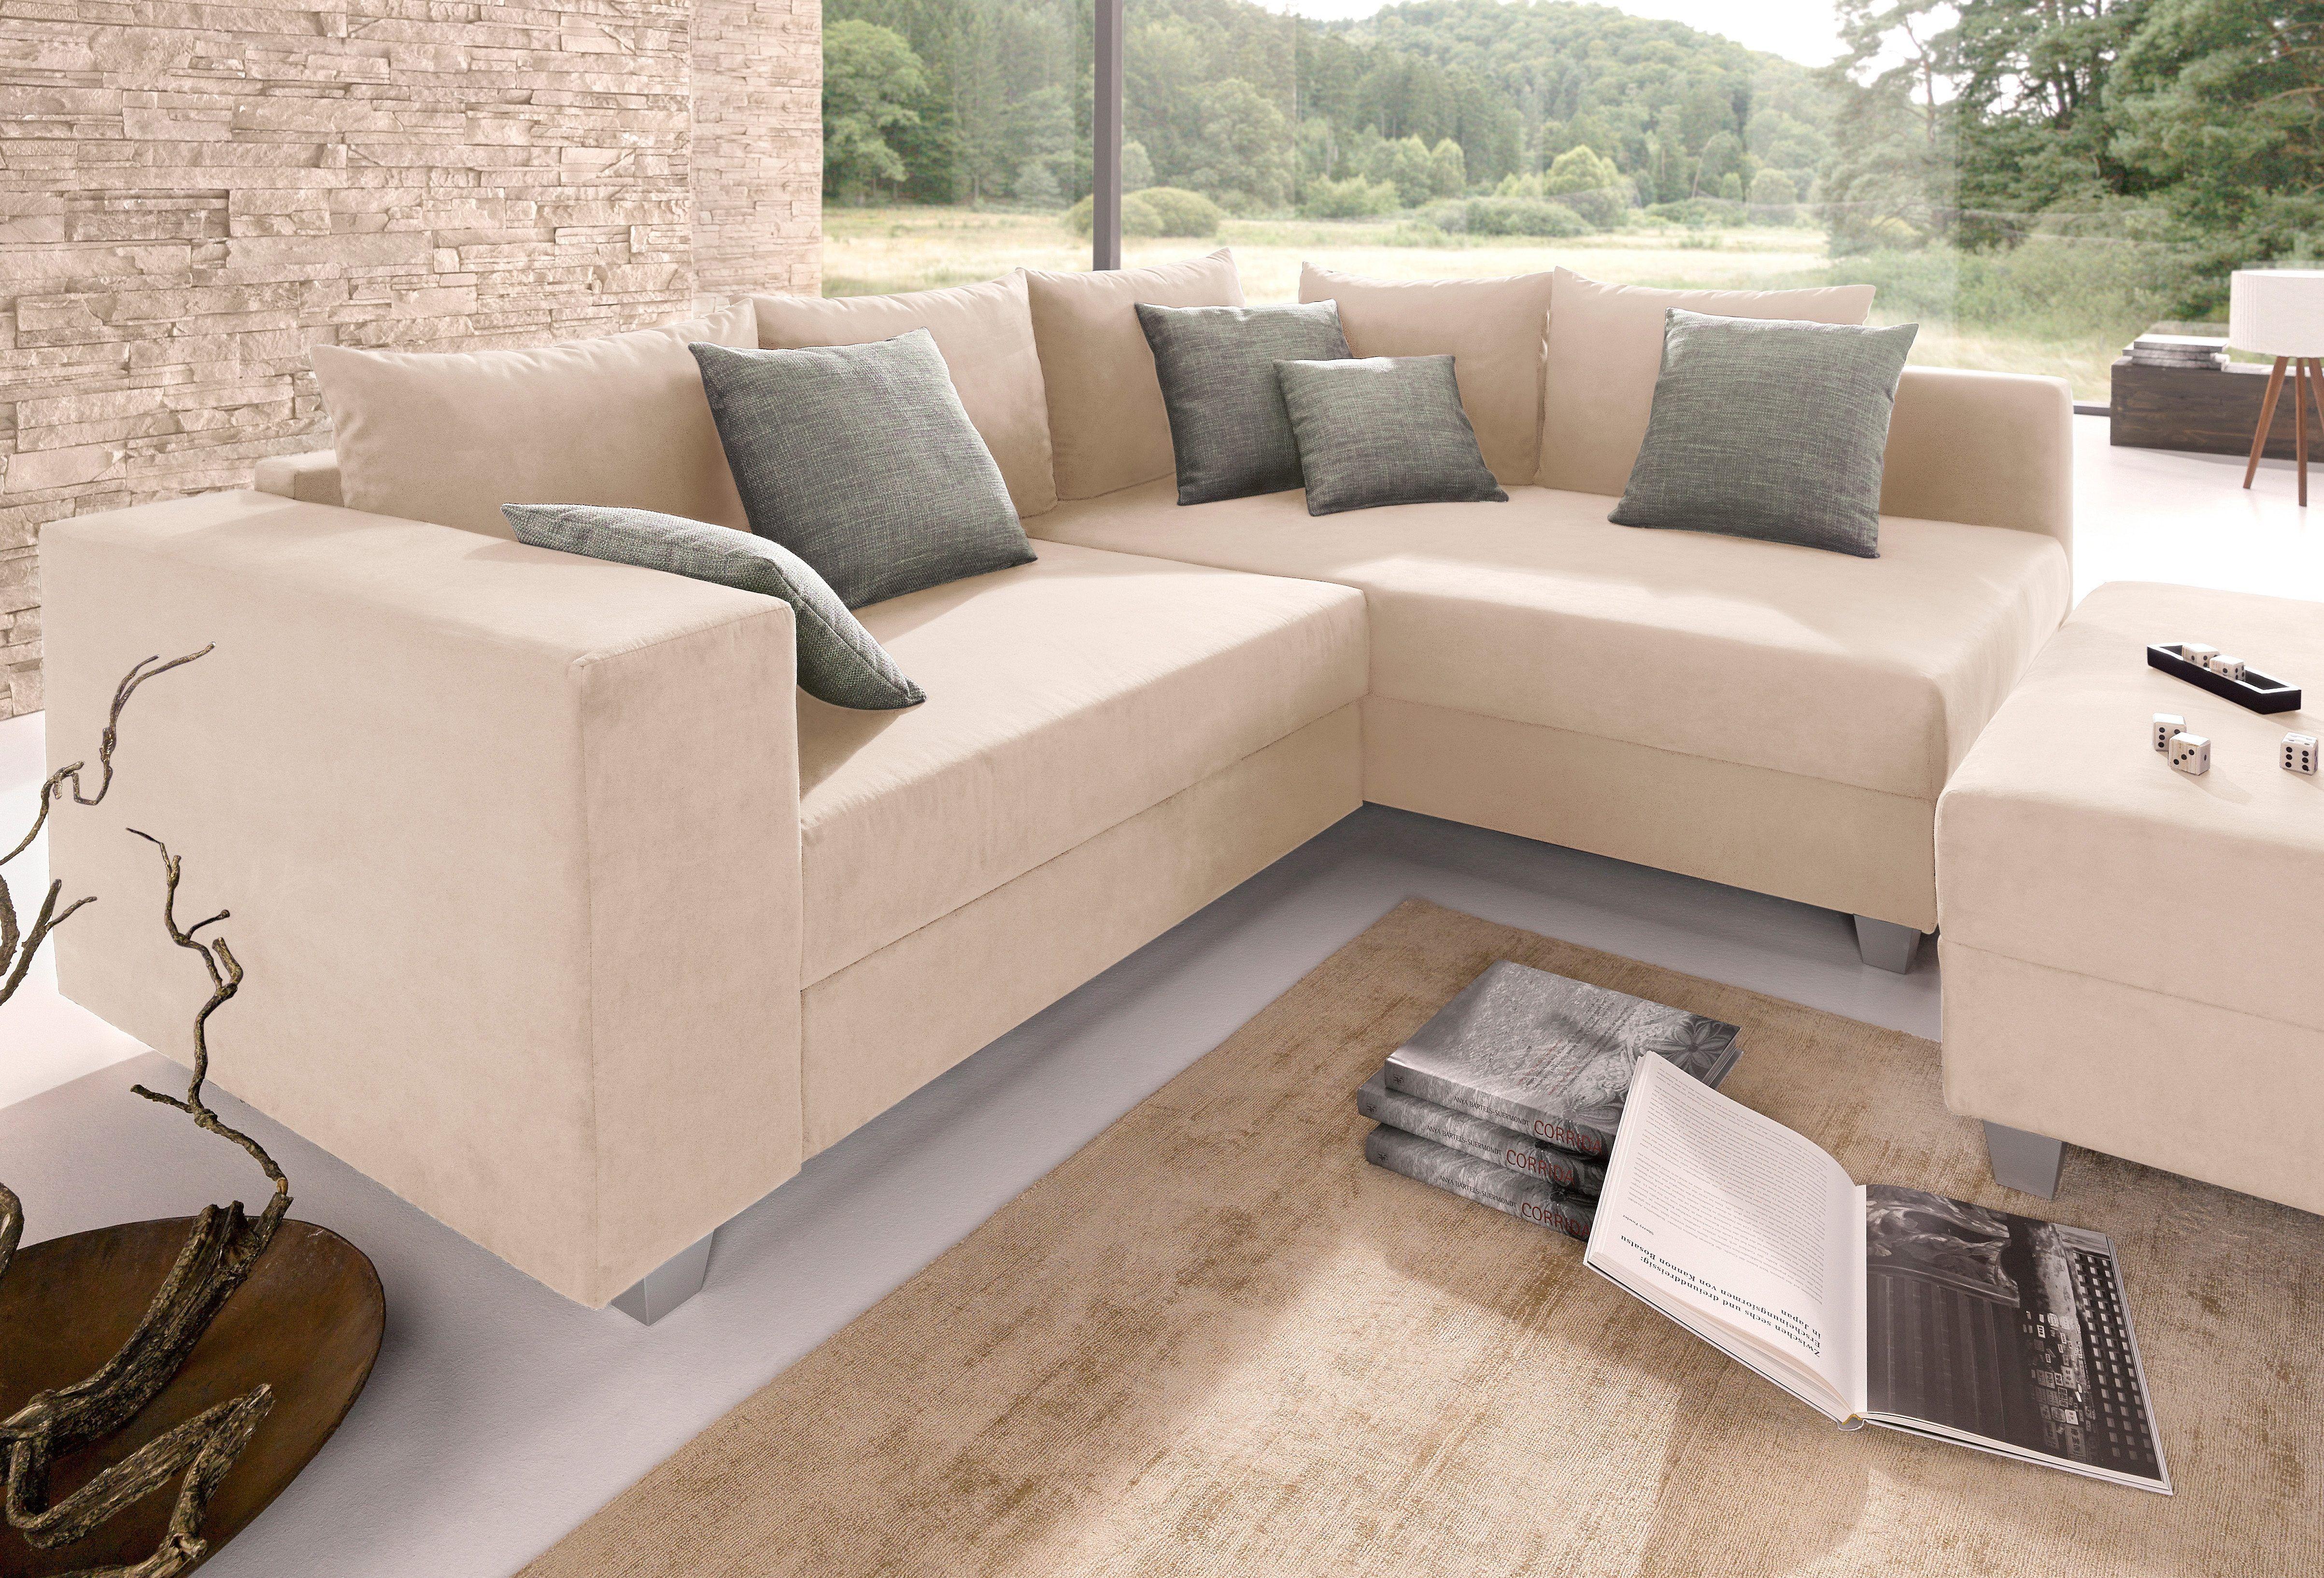 Sitzecke wohnzimmer ~ Sitzecke beige recamiere rechts mit bettfunktion inklusive